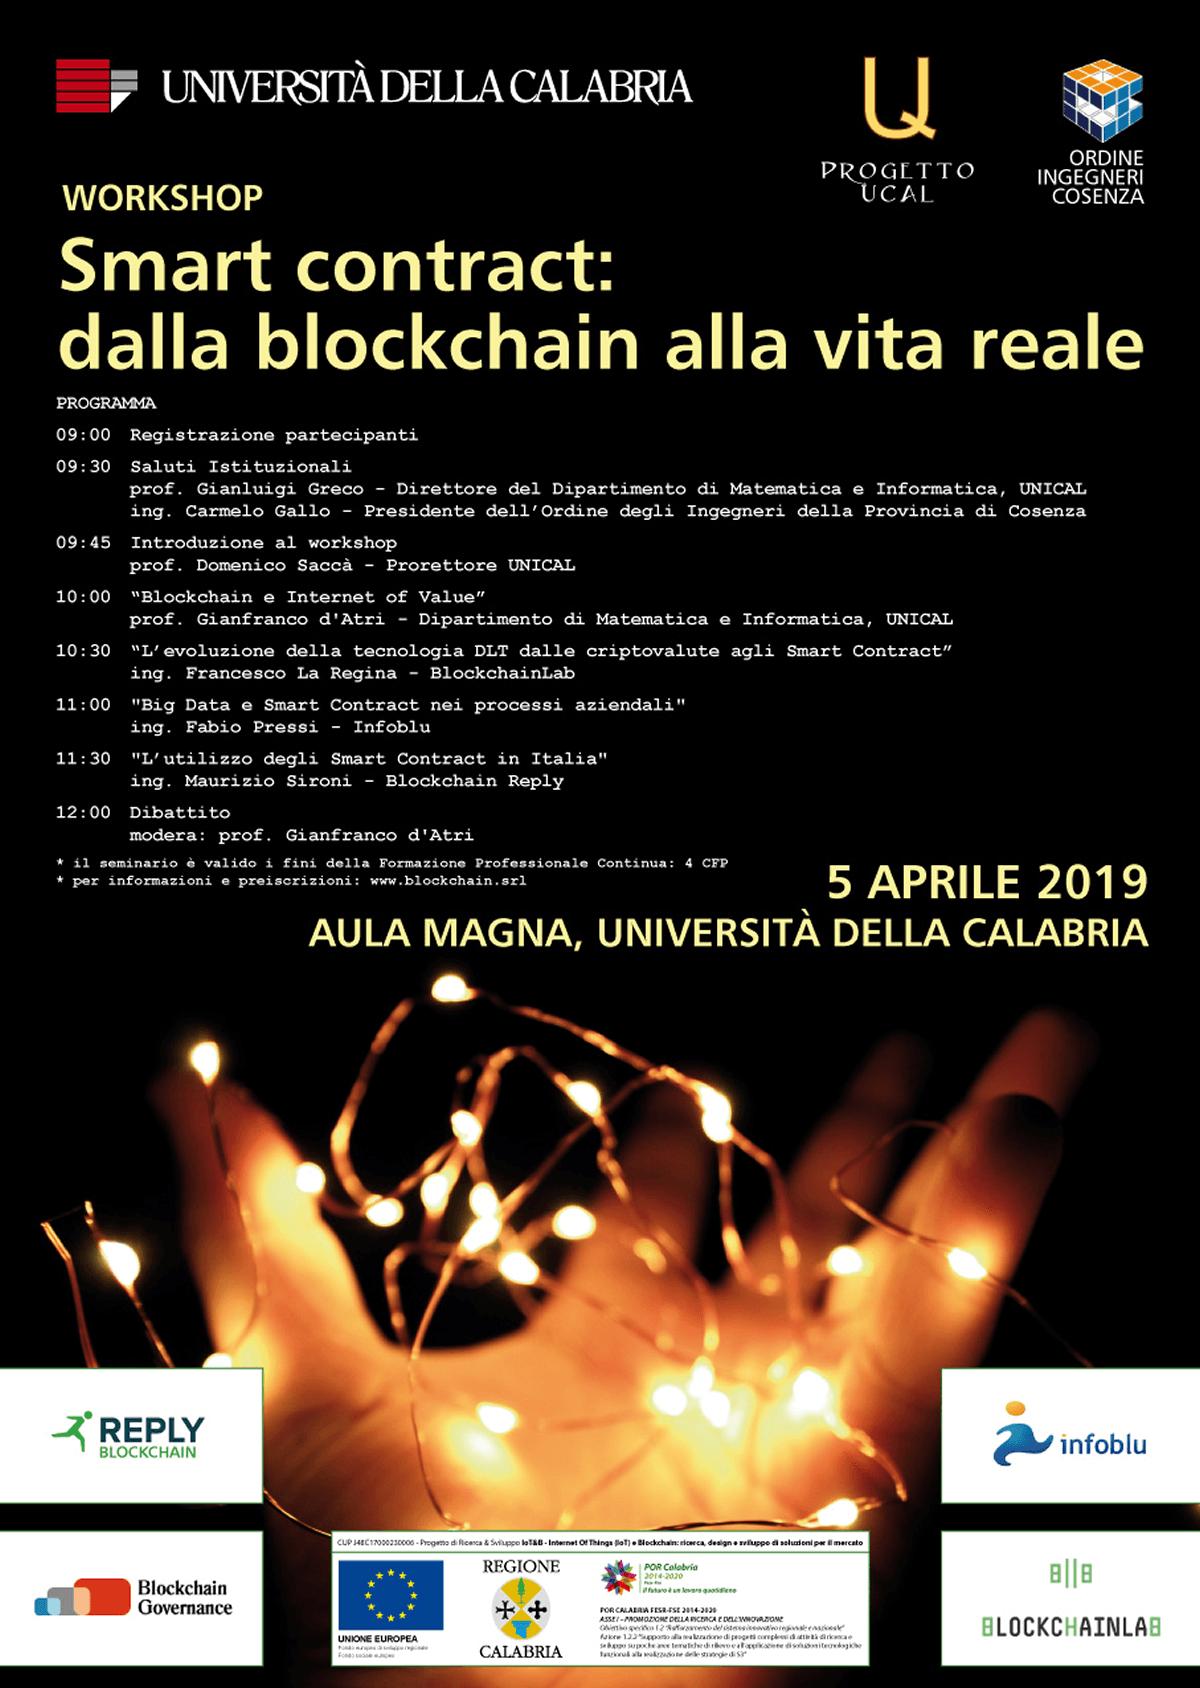 """Studio La Regina - workshop """"Smart contract: dalla blockchain alla vita reale"""""""